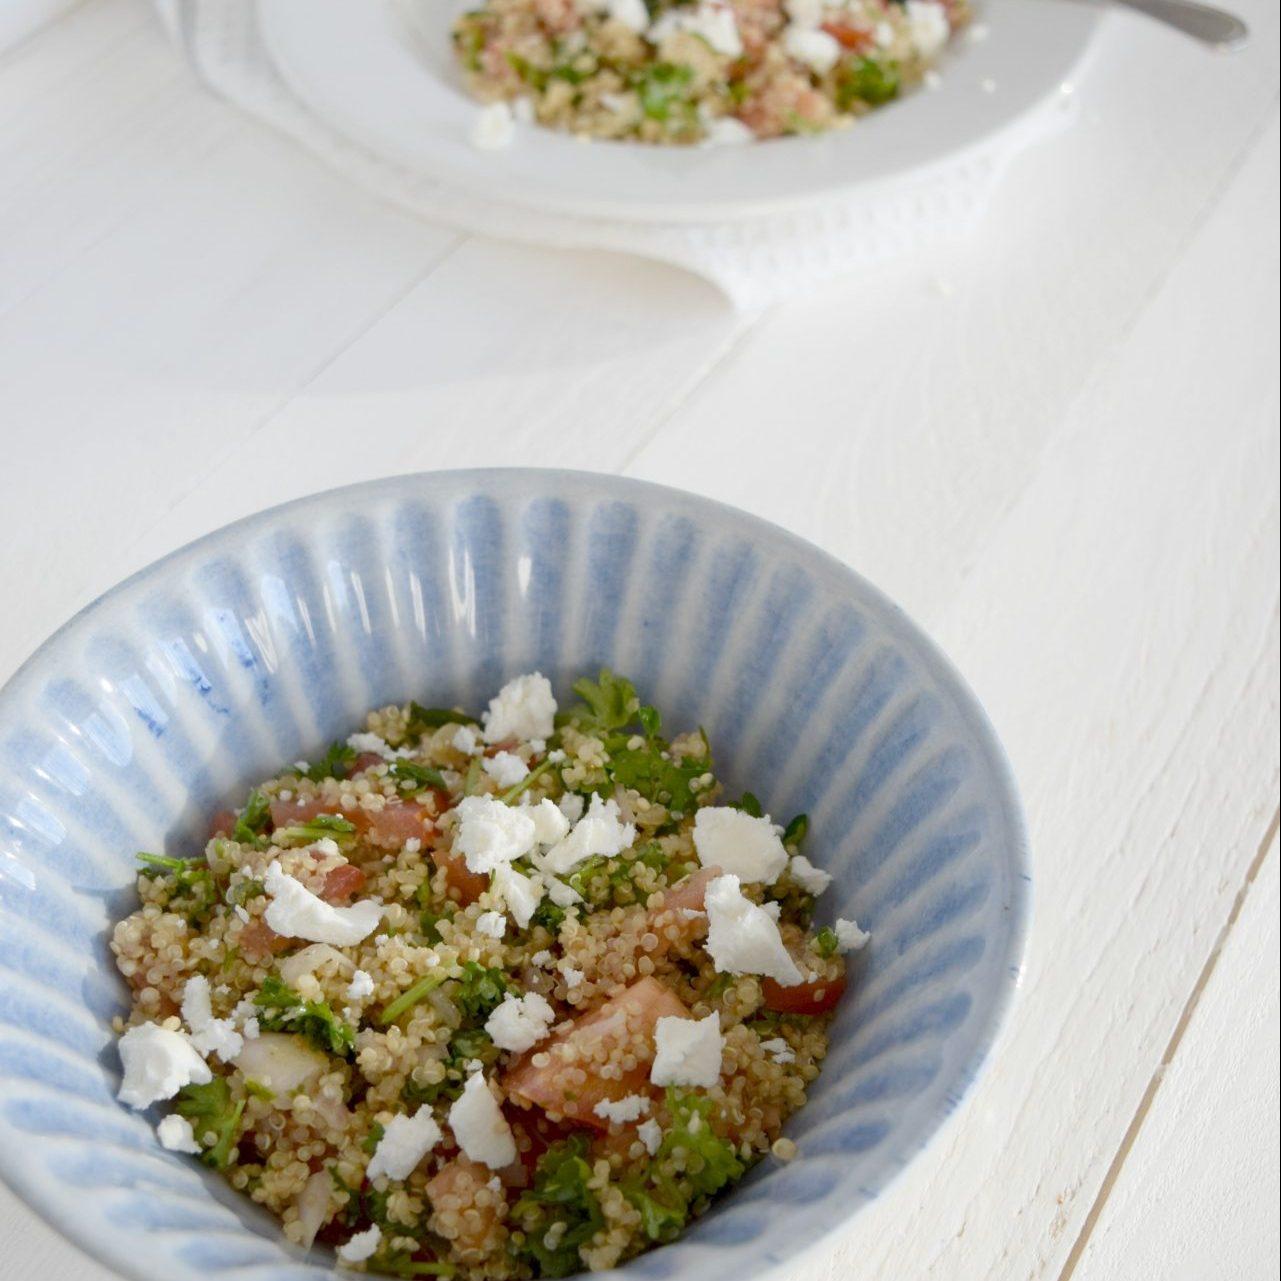 Salade de Quinoa aux herbes et au feta (style taboulé)